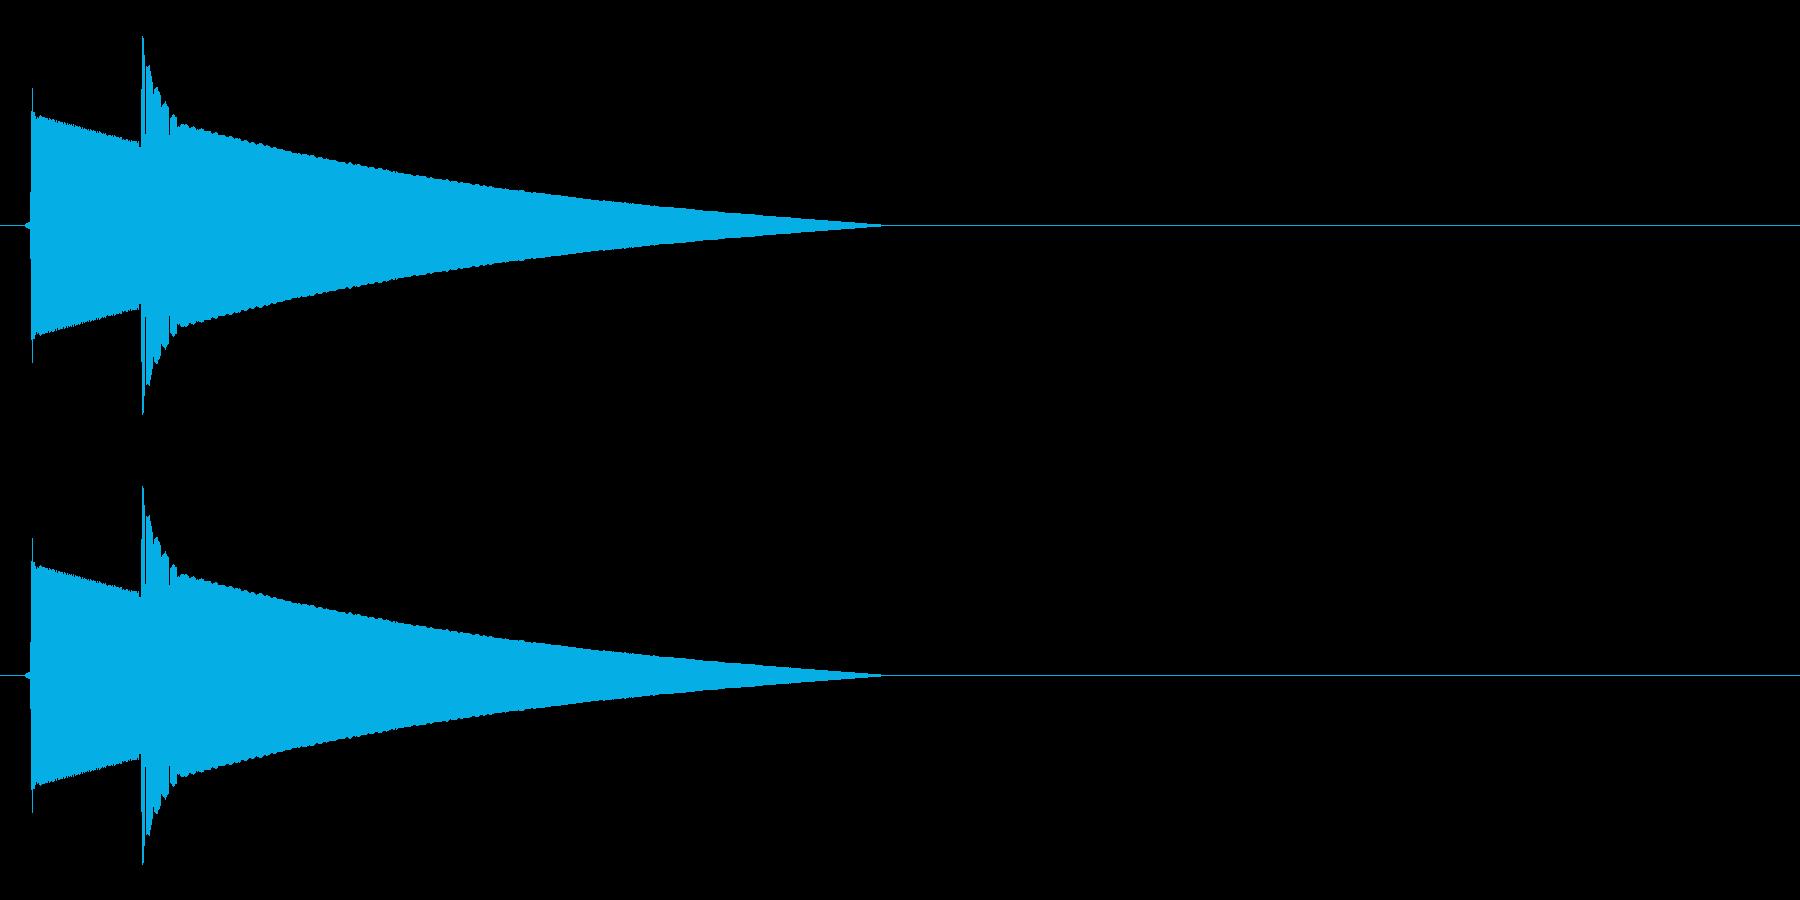 ピポーン(正解、回答時のボタン音)の再生済みの波形